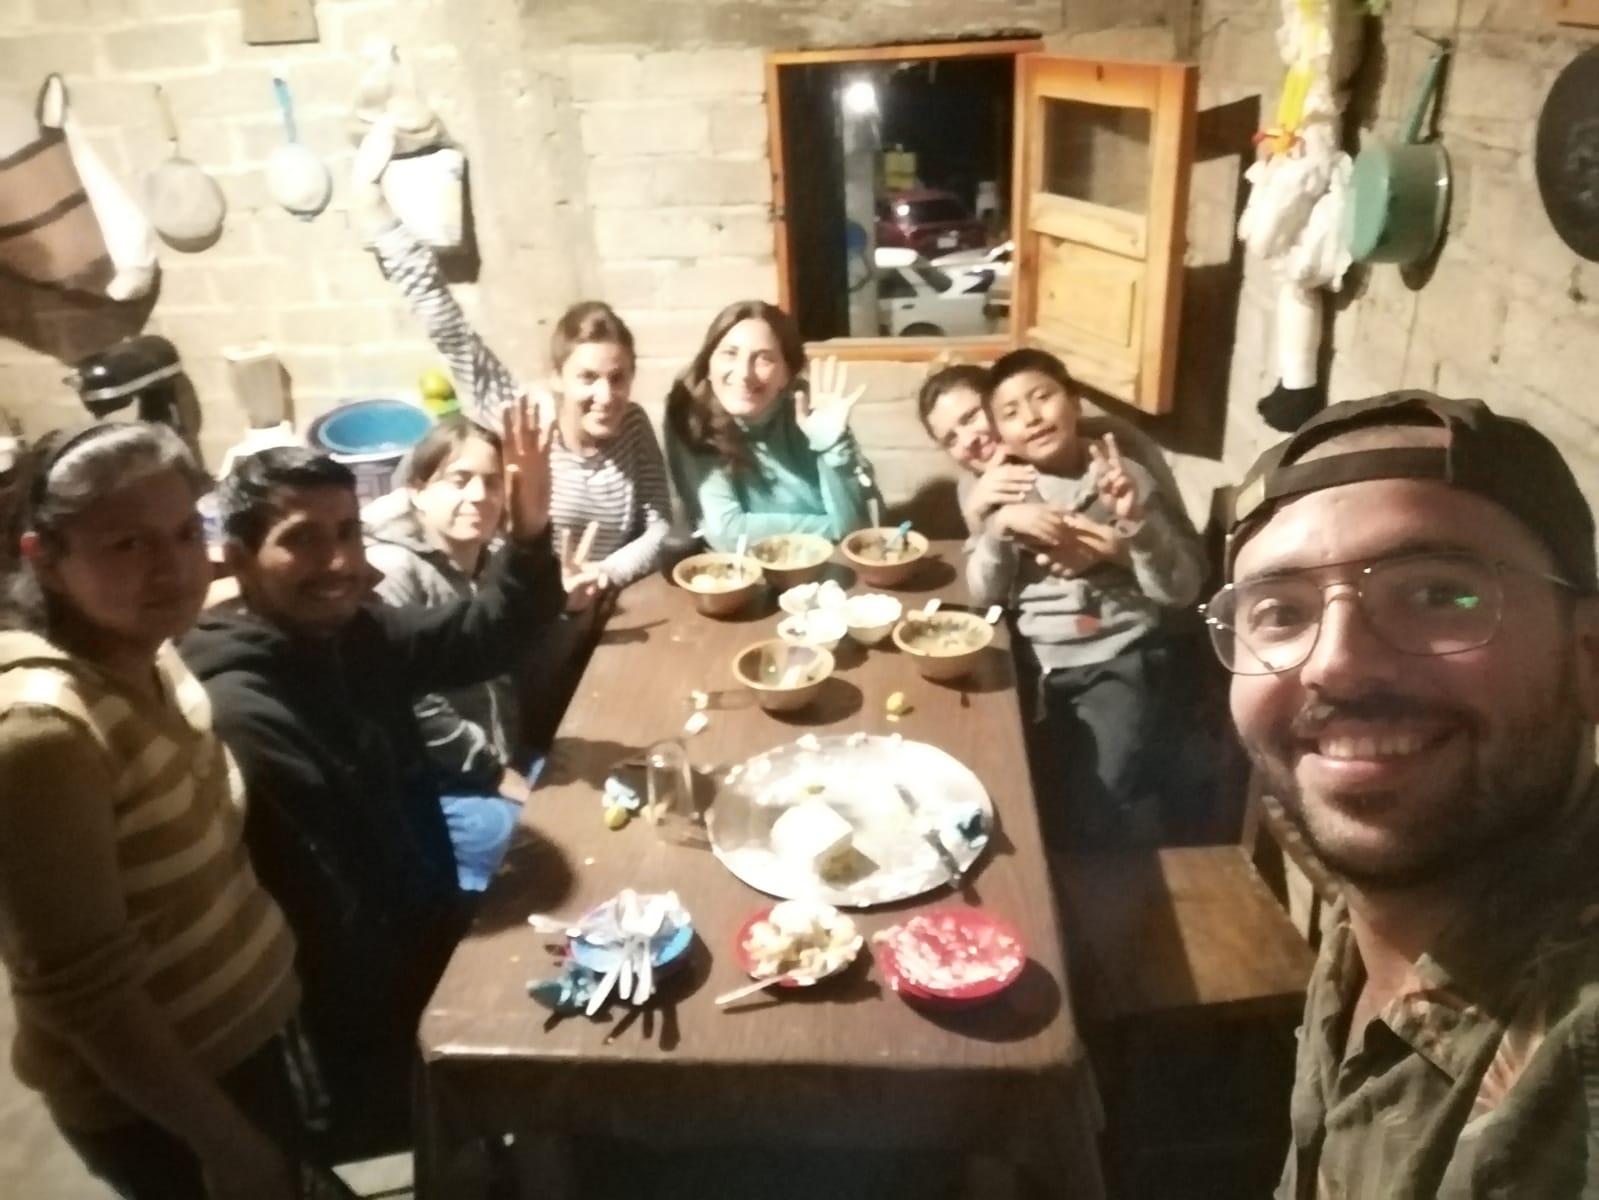 2019-08-08 at 06.19.27 - Mexico